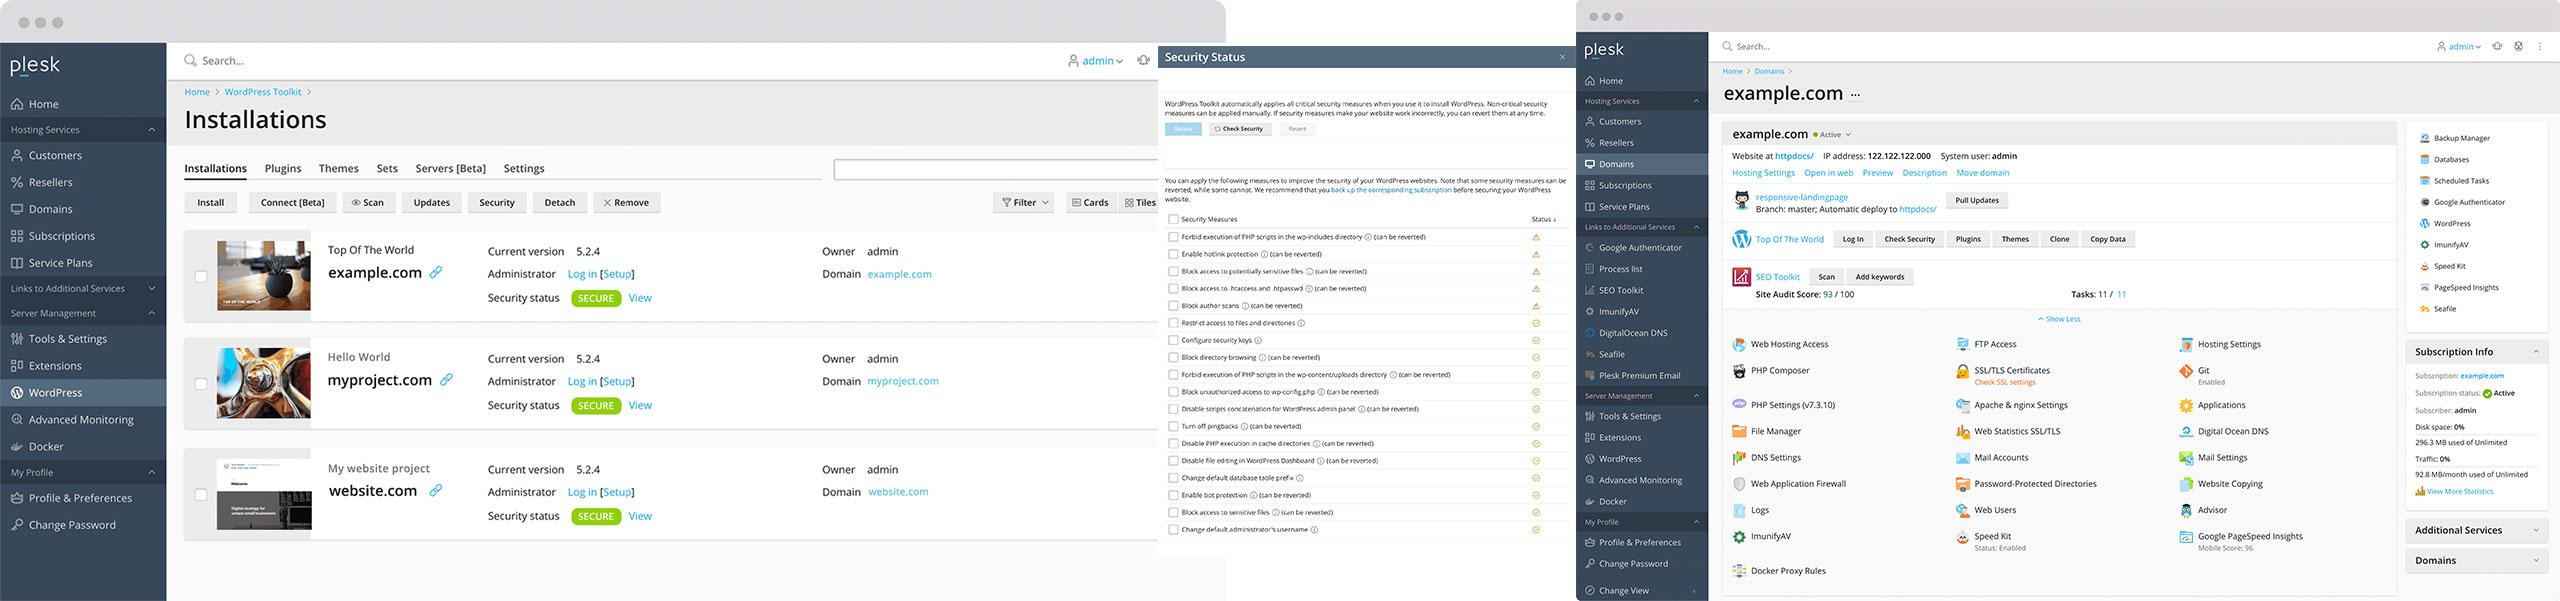 Plesk, gestione centralizzata e massima sicurezza per WordPress